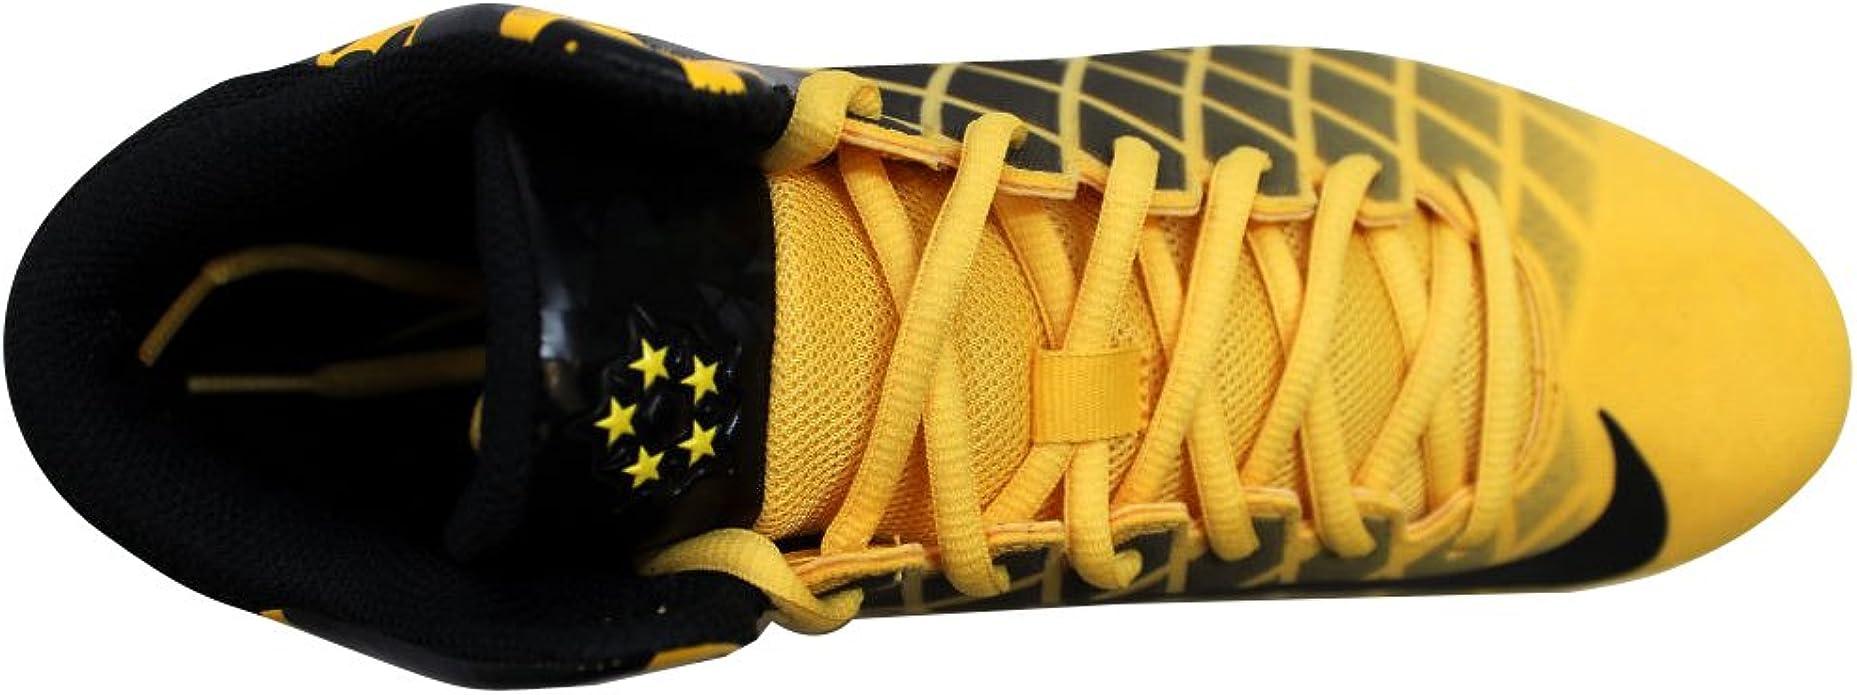 Nike Field General PRO TD Men/'s Football Cleats 833386-710